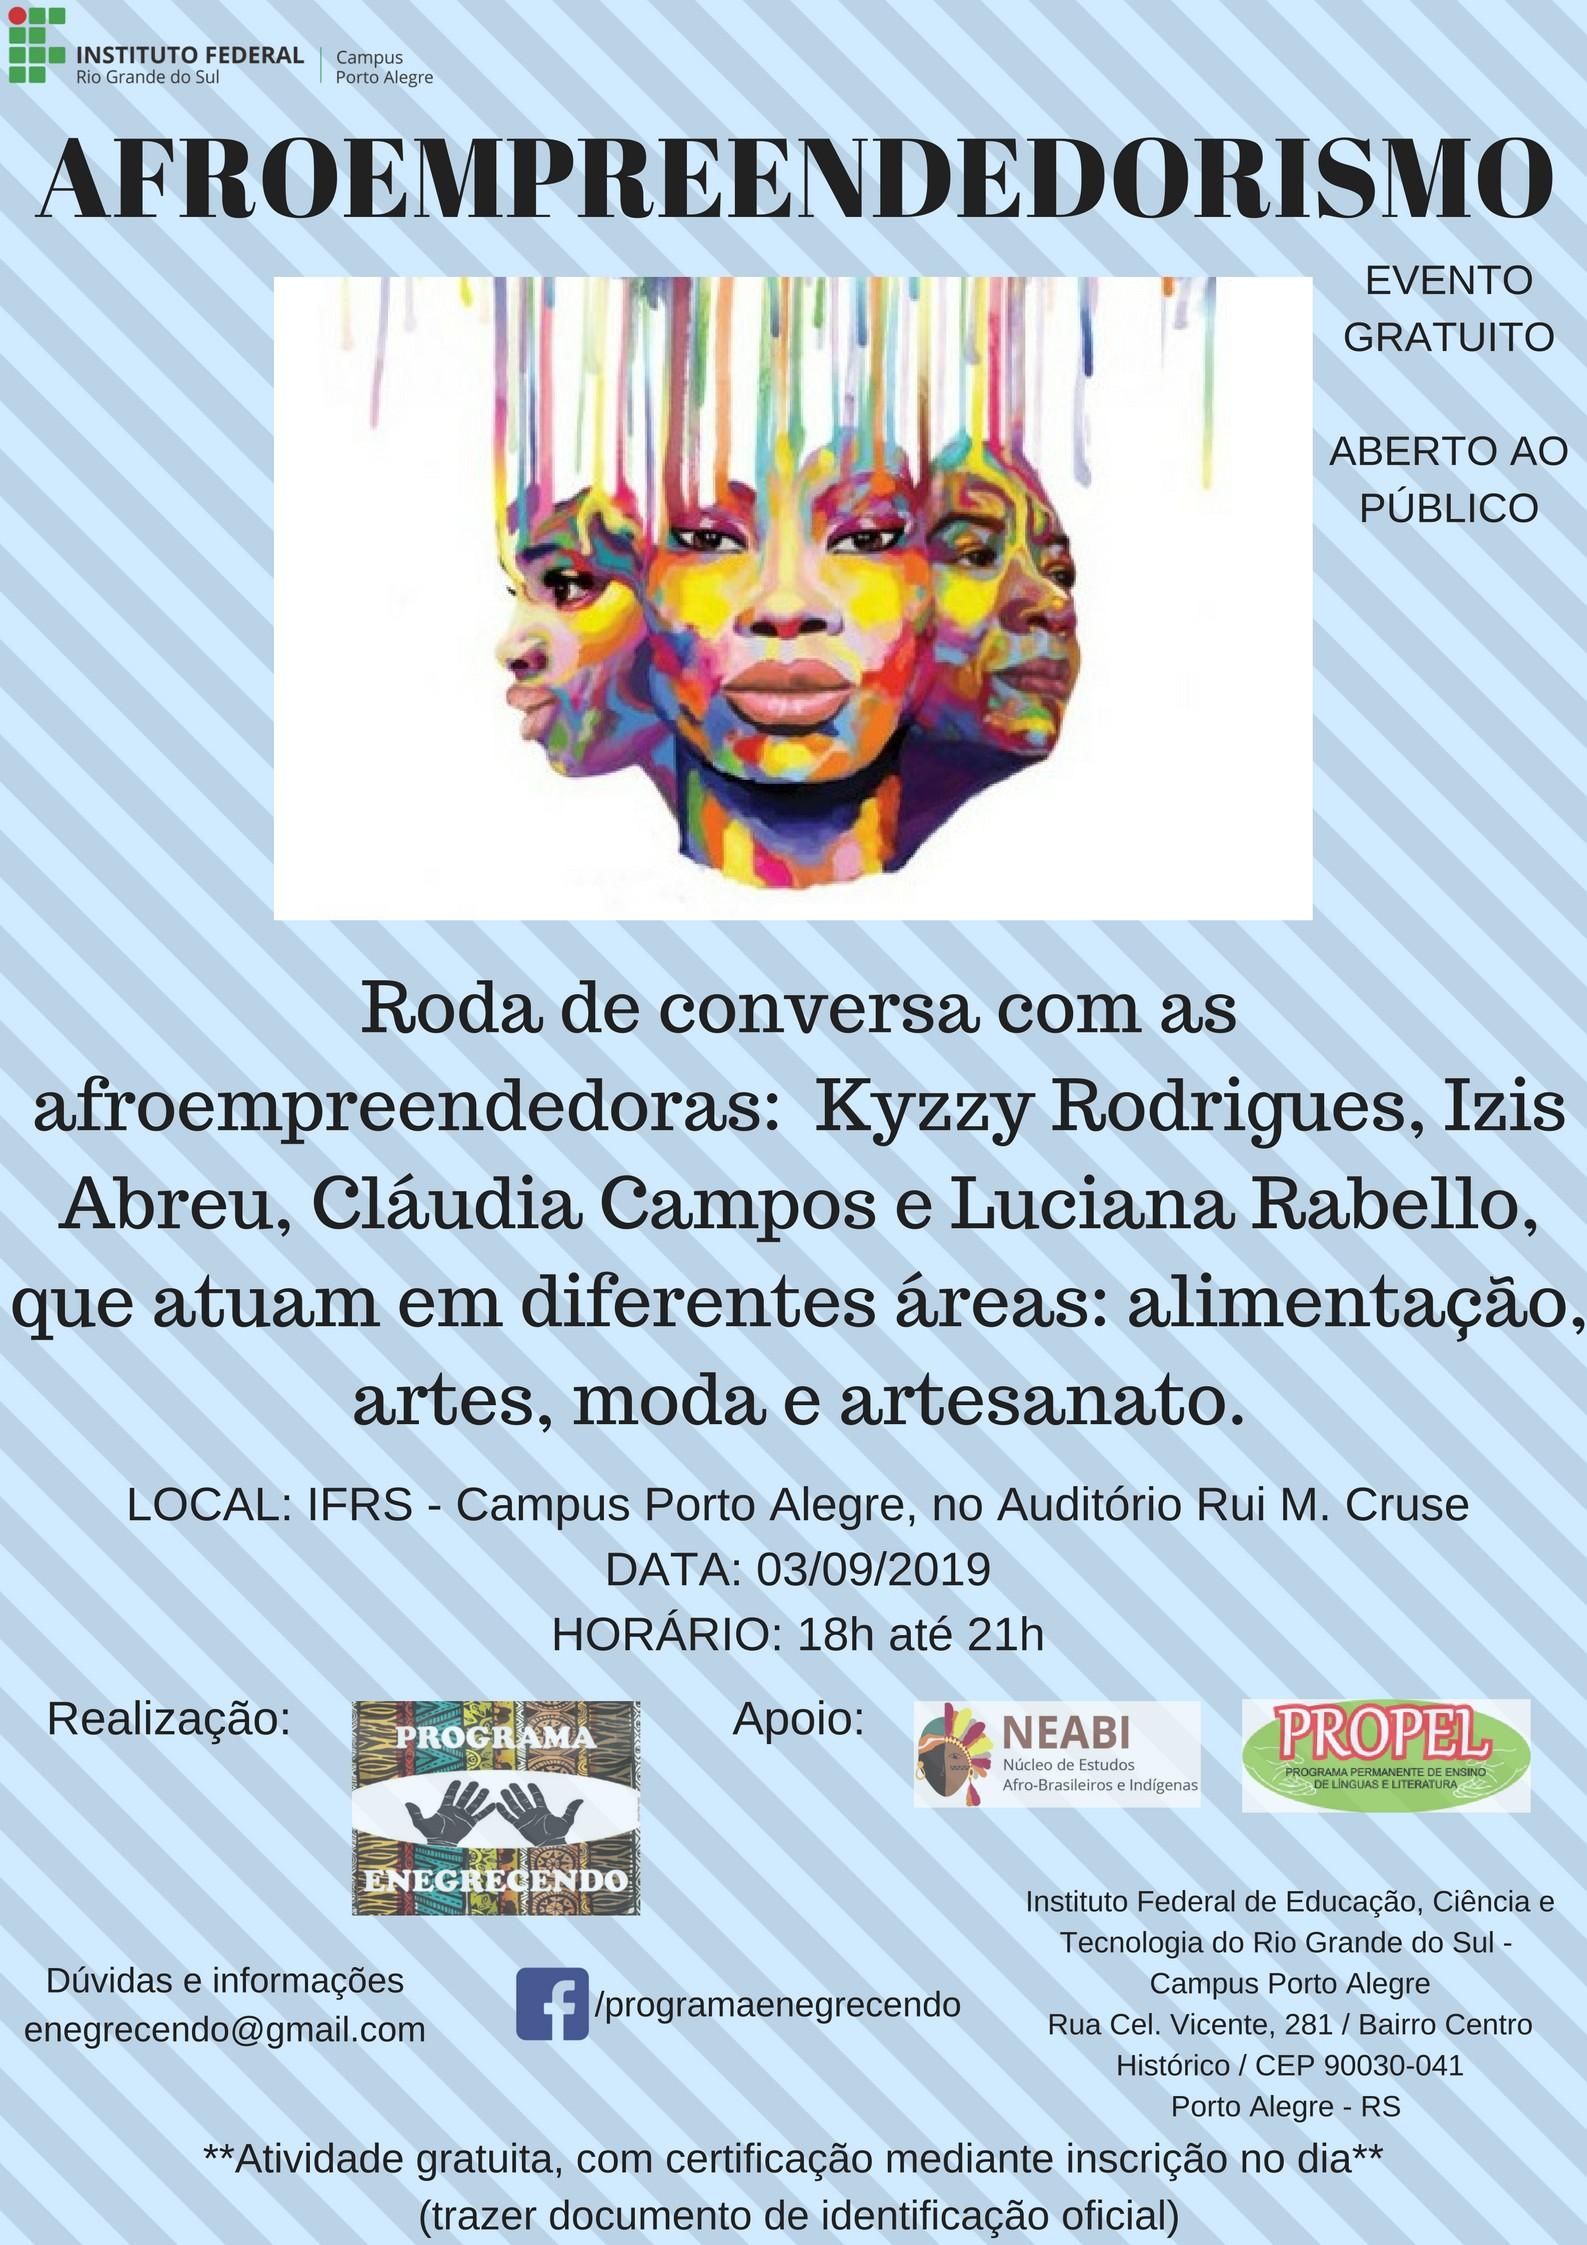 Calendario 2019 Feriados Rs Más Caliente Notcias Principais ifrs Campus Porto Alegre